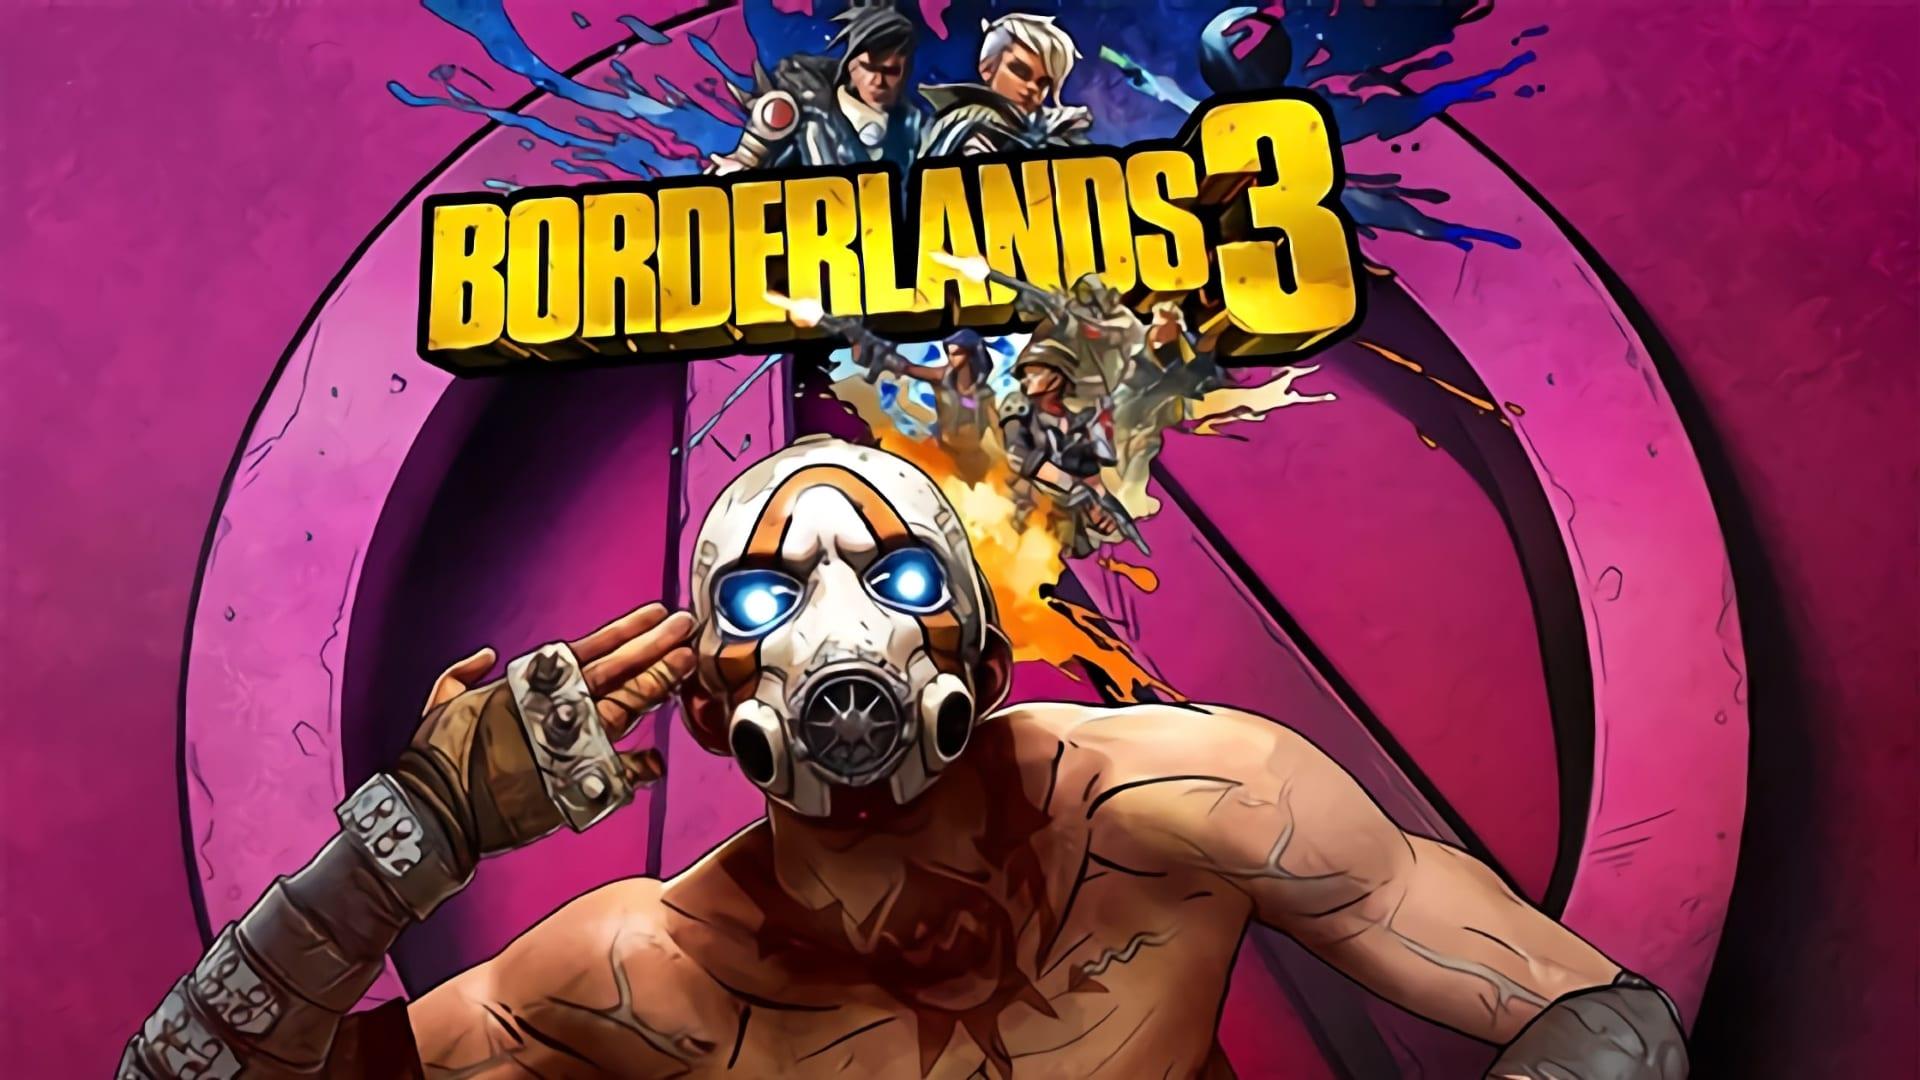 Borderlands 3 behind the scenes